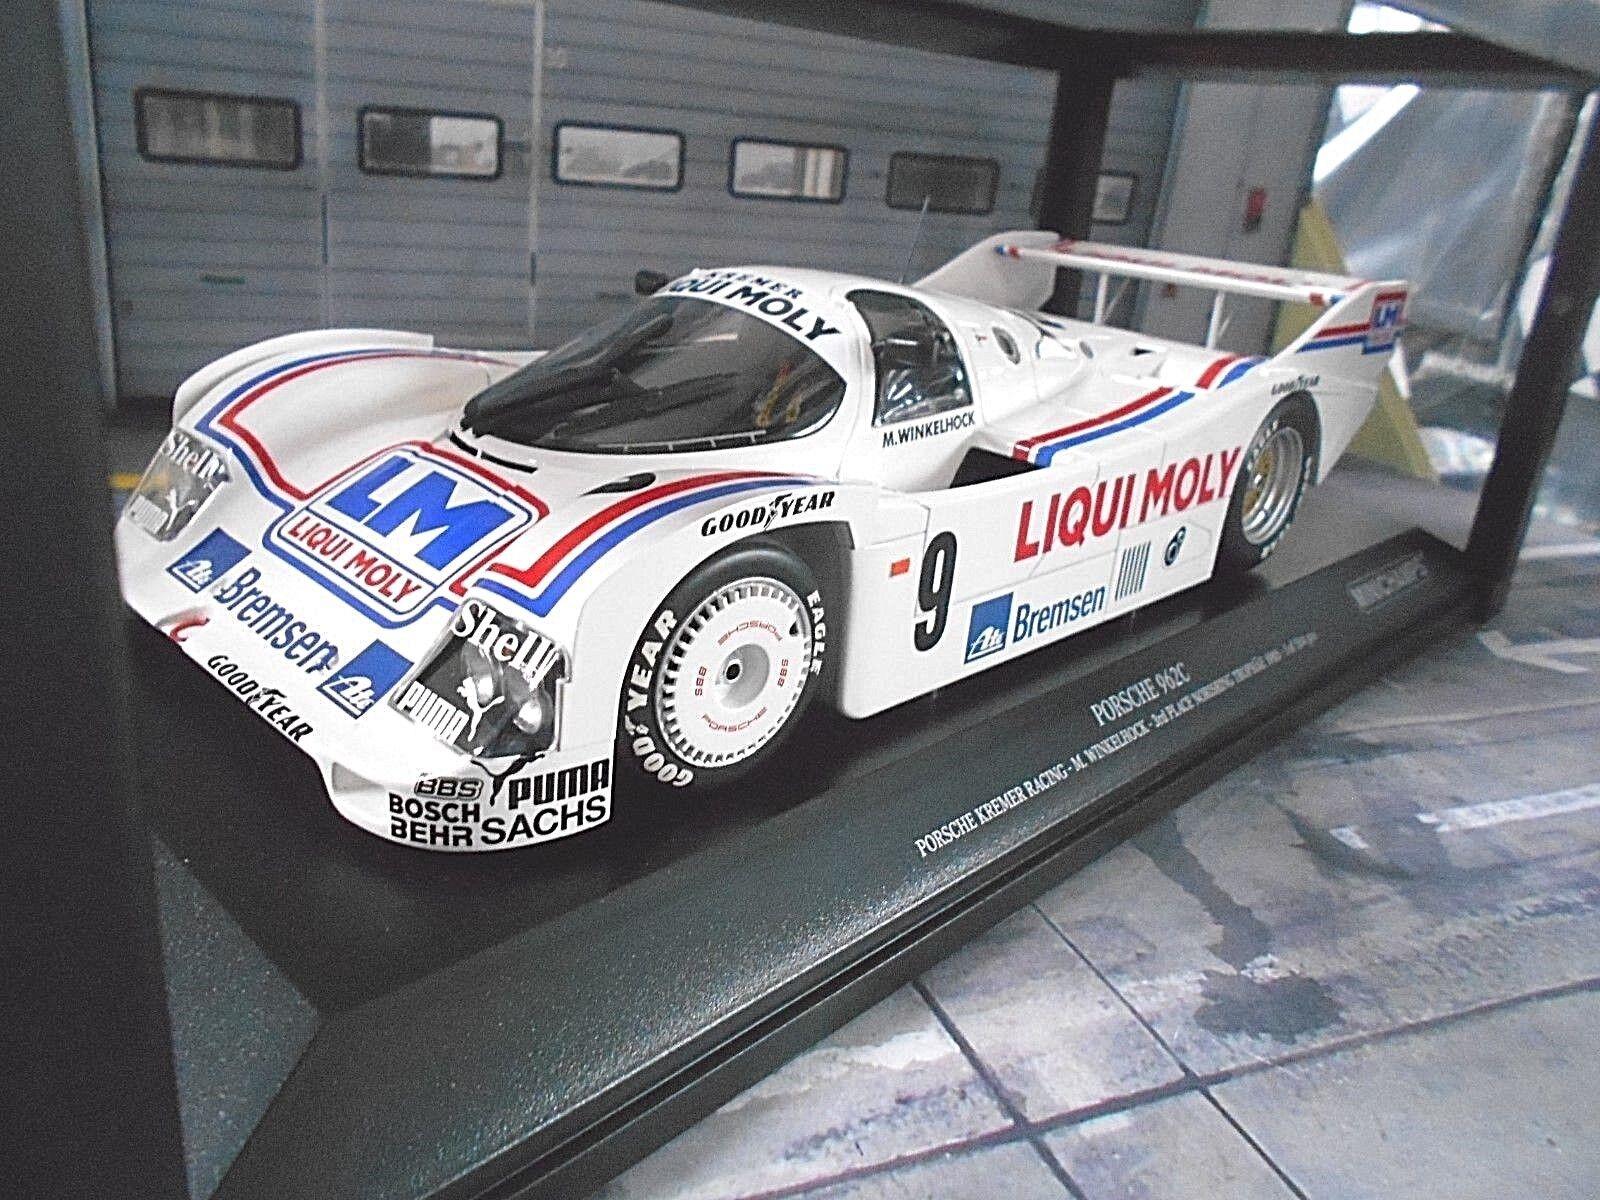 Porsche 962 956 II DRM Kremer Norisring 9 WINKELHOCK Liqui Moly MINICHAMPS 1:18 | Technologies De Pointe